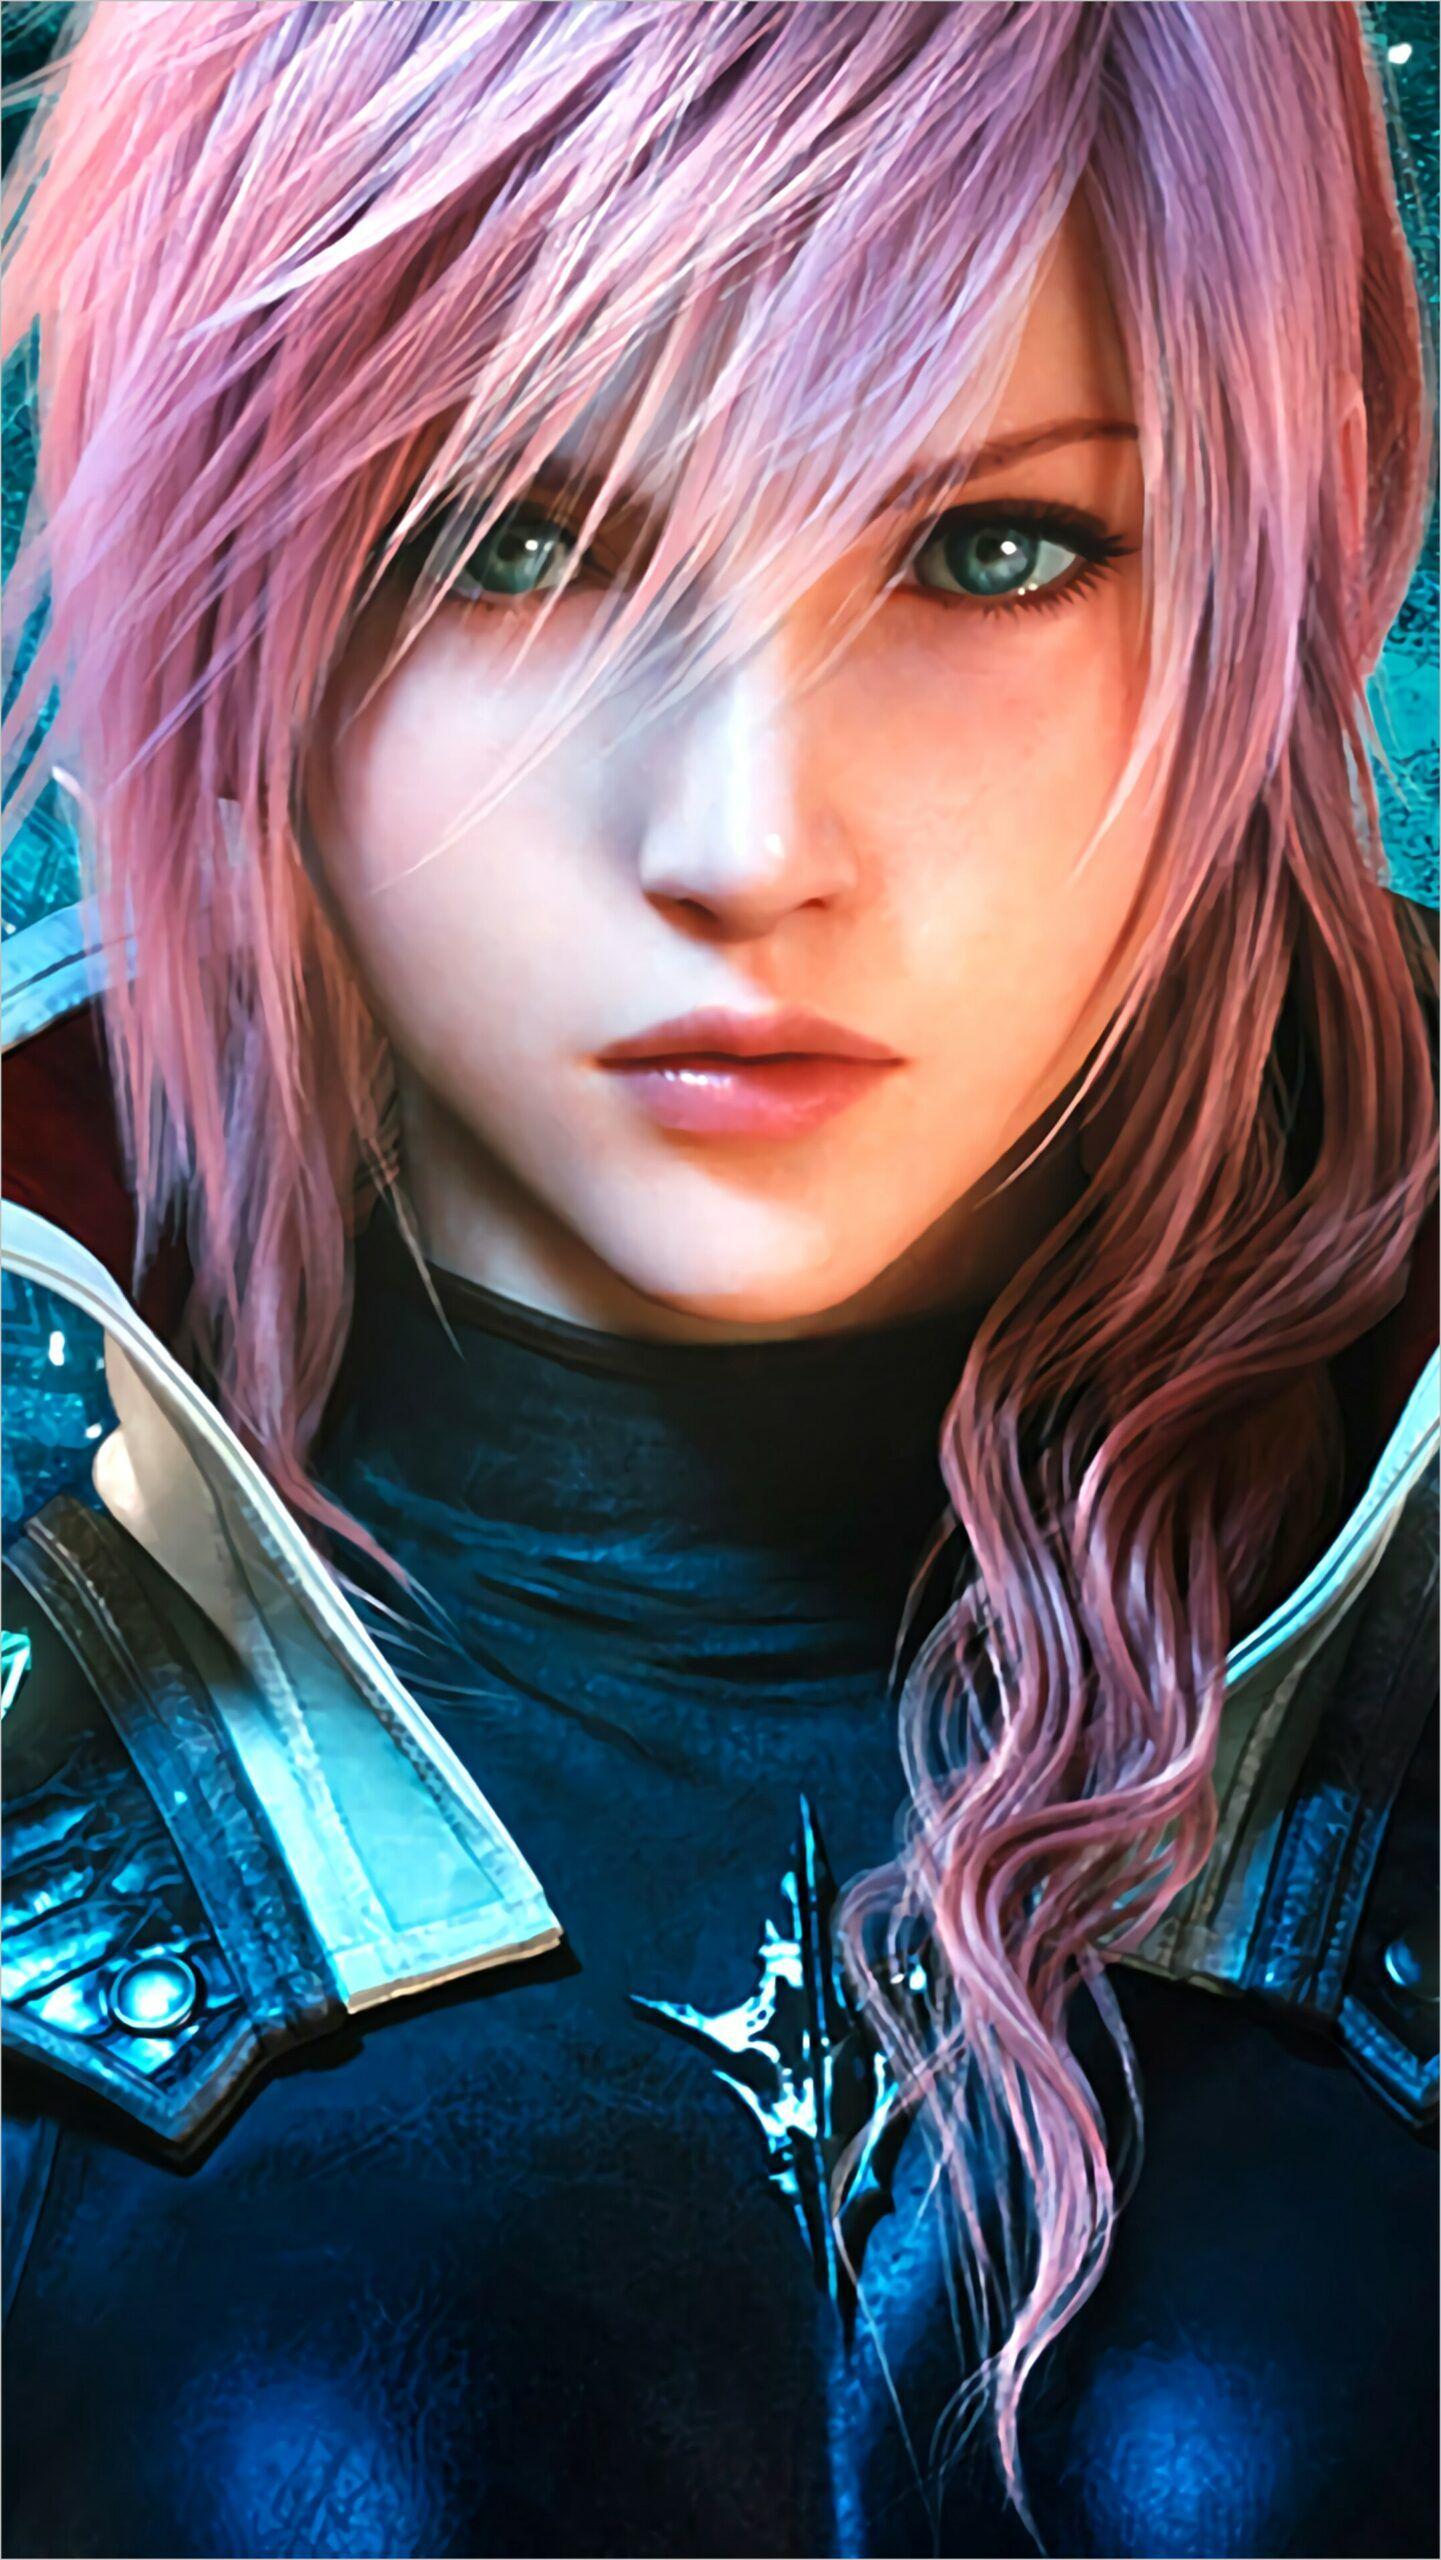 Lightning Final Fantasy Wallpaper 4k in 2020 | Lightning ...  Final Fantasy Female Characters Wallpaper